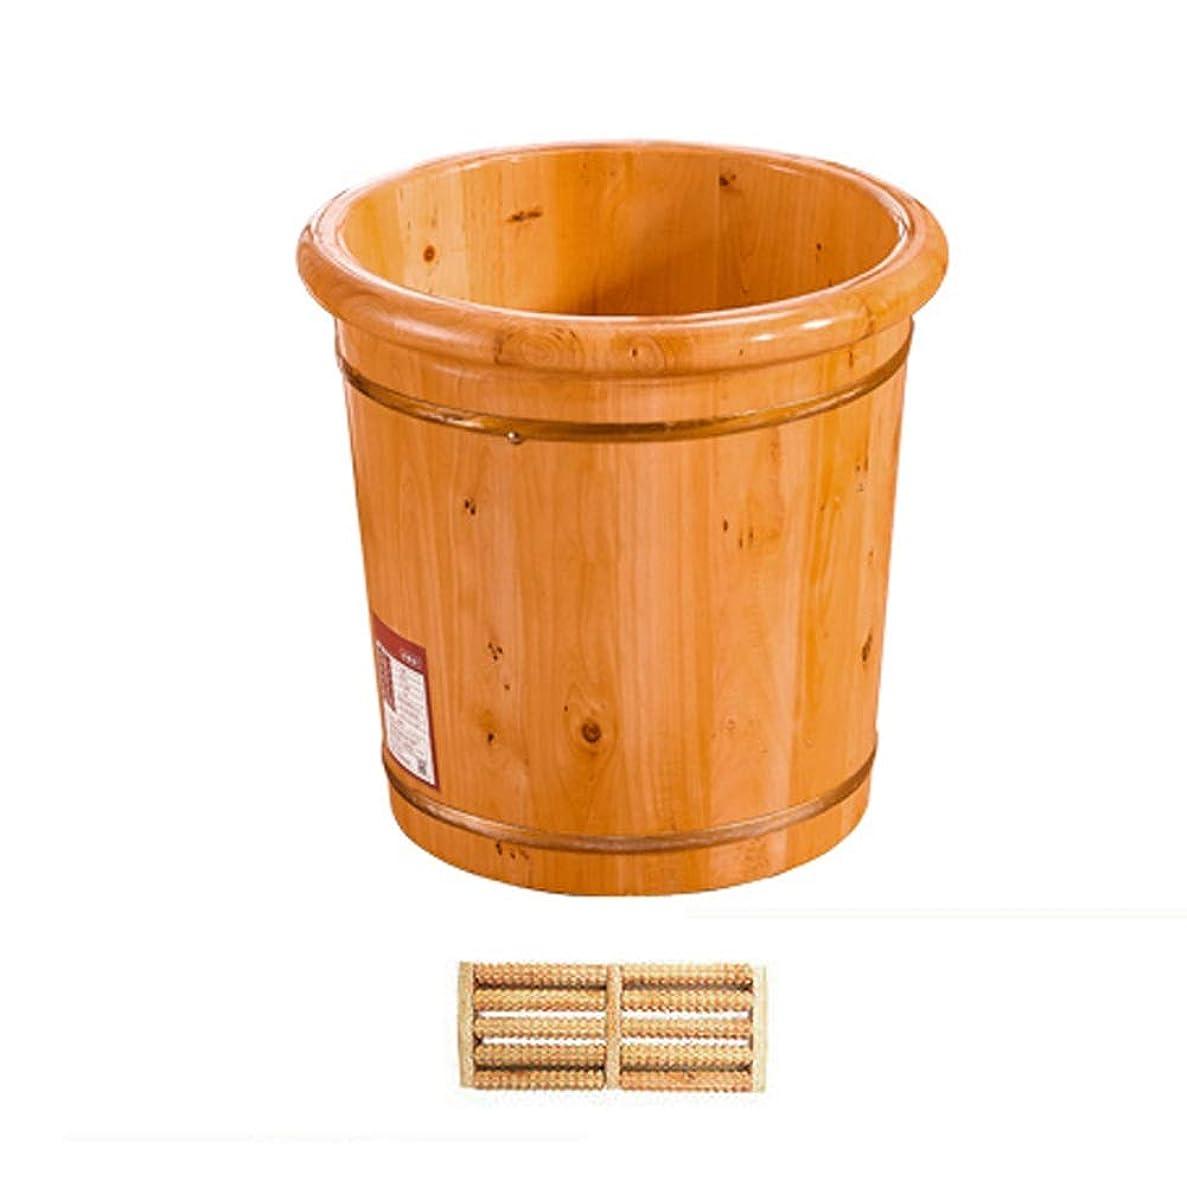 奴隷威信保険をかけるCHY 家庭用足湯、ウッドフットタブ、蒸し健康燻蒸バケツ、パーフェクト足のギフト、ホームを浸して、40センチメートル (Color : Wood color)